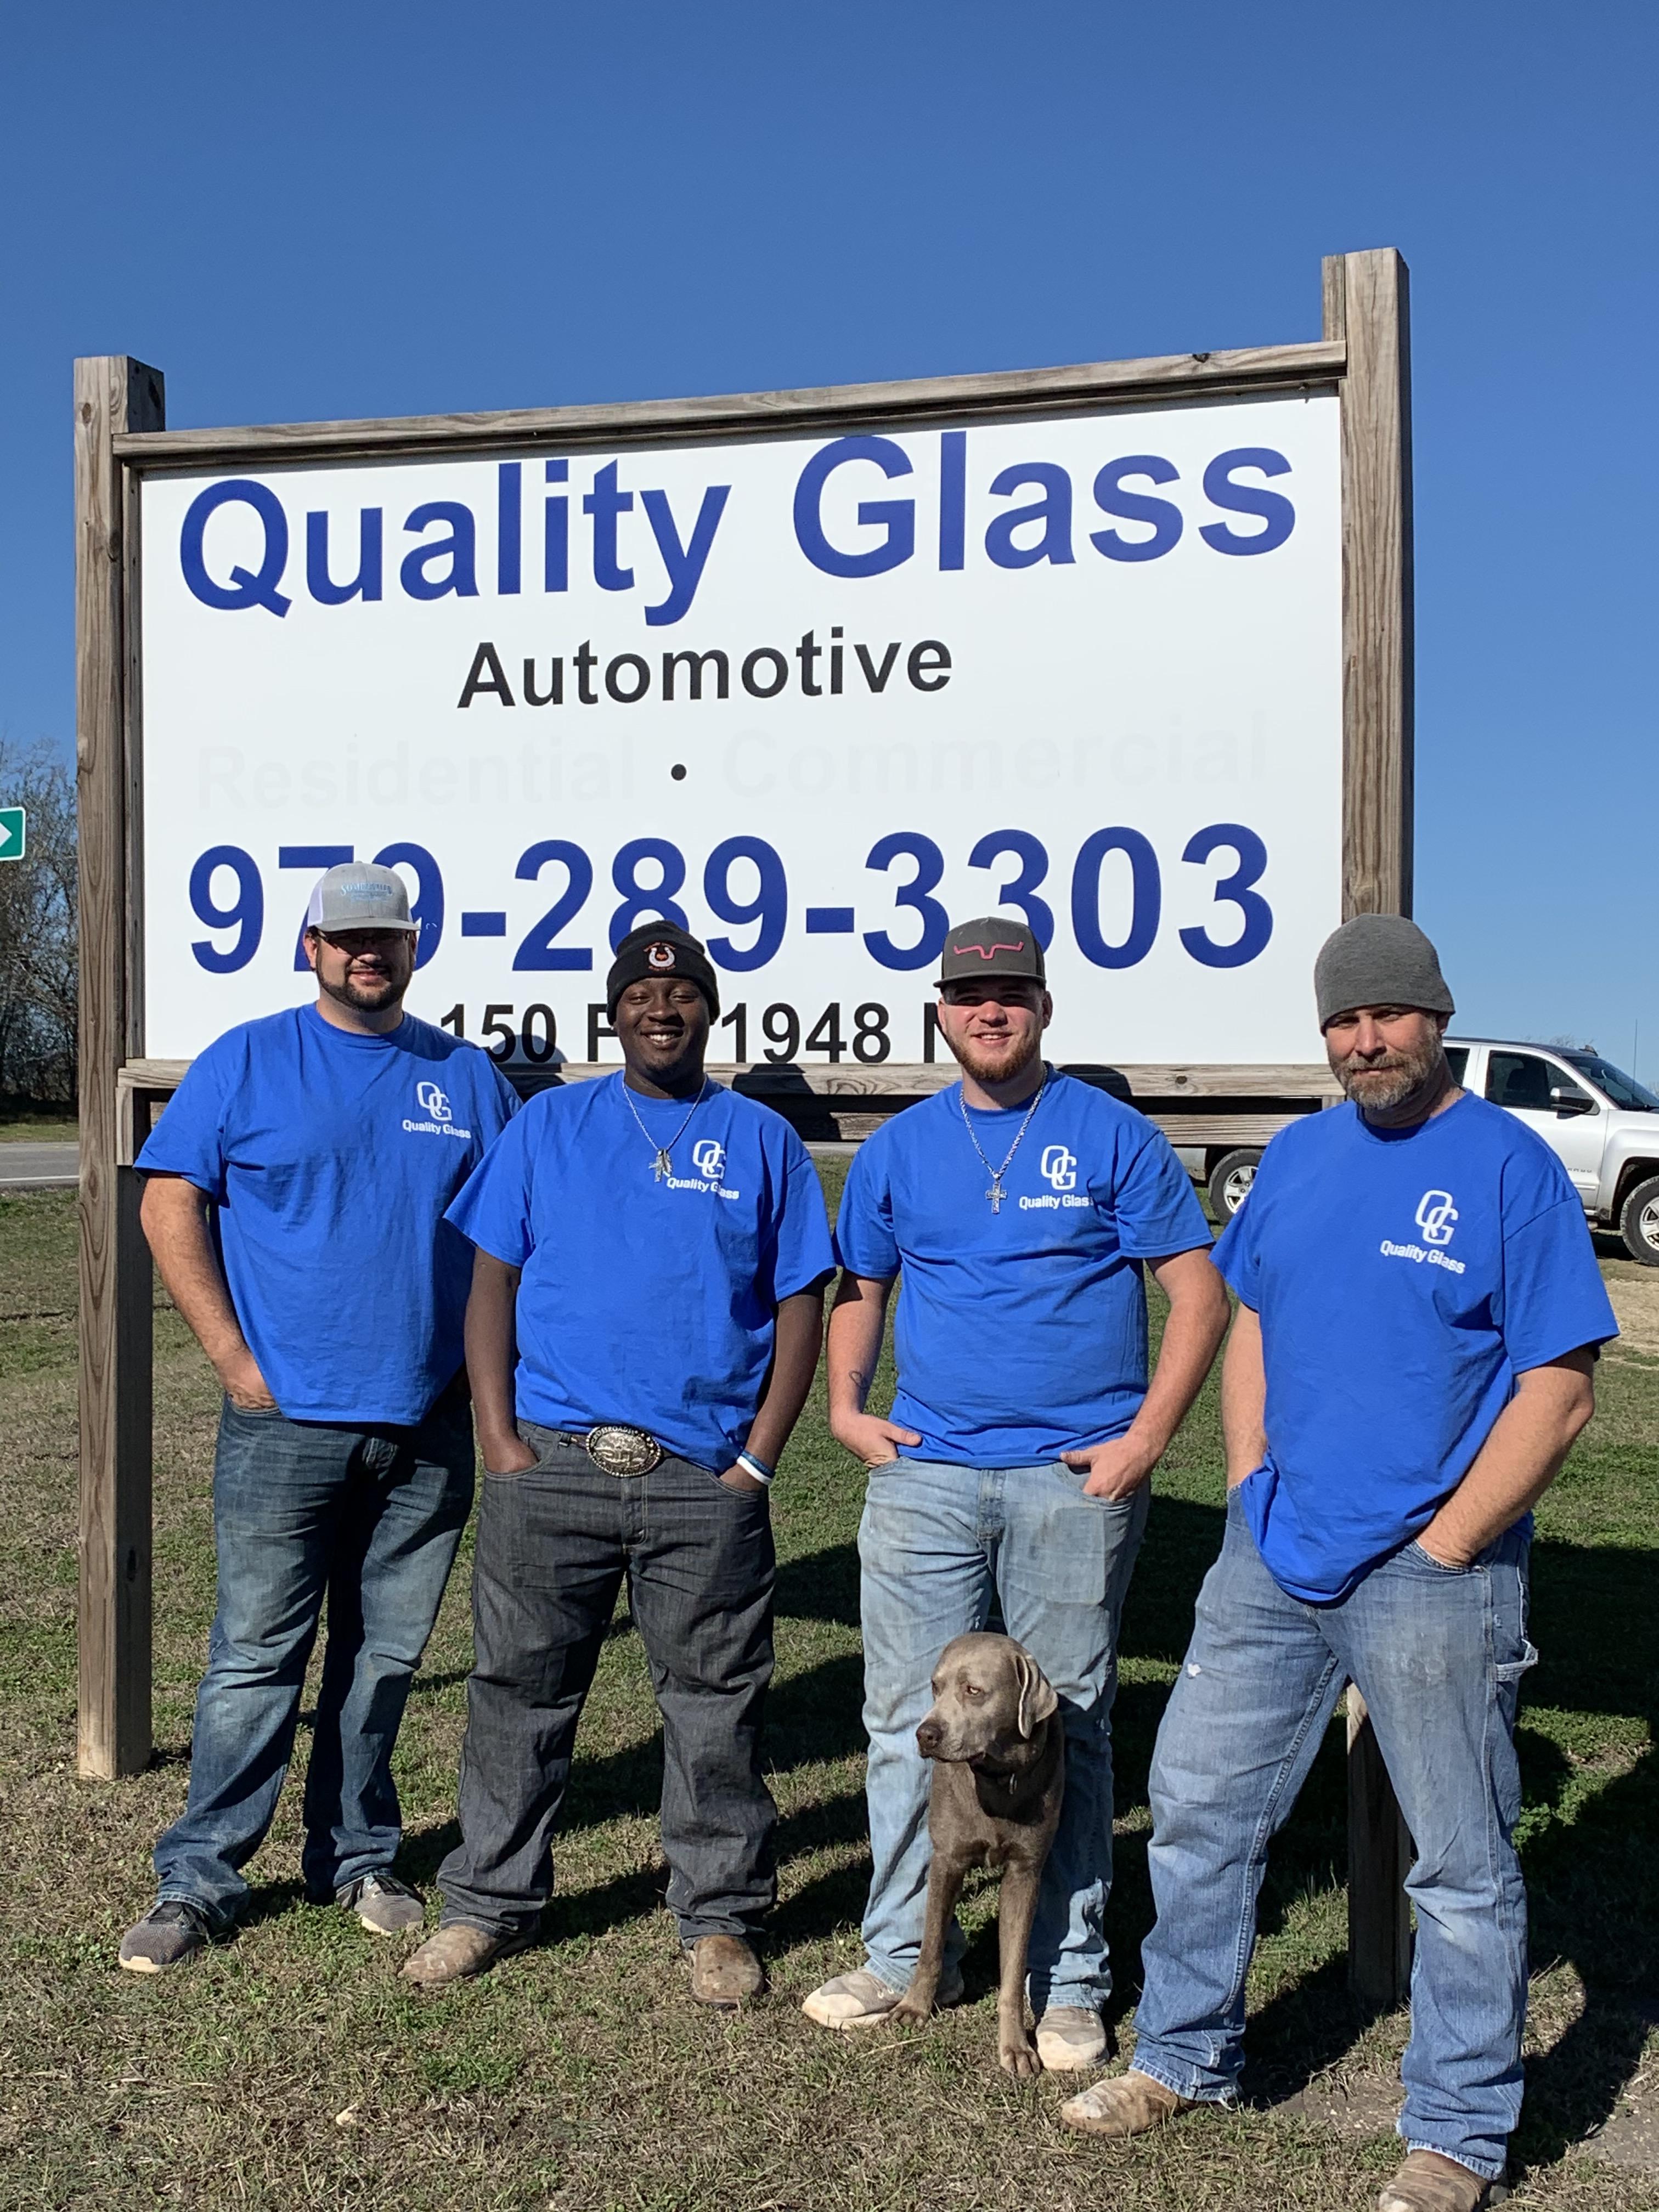 Quality Glass